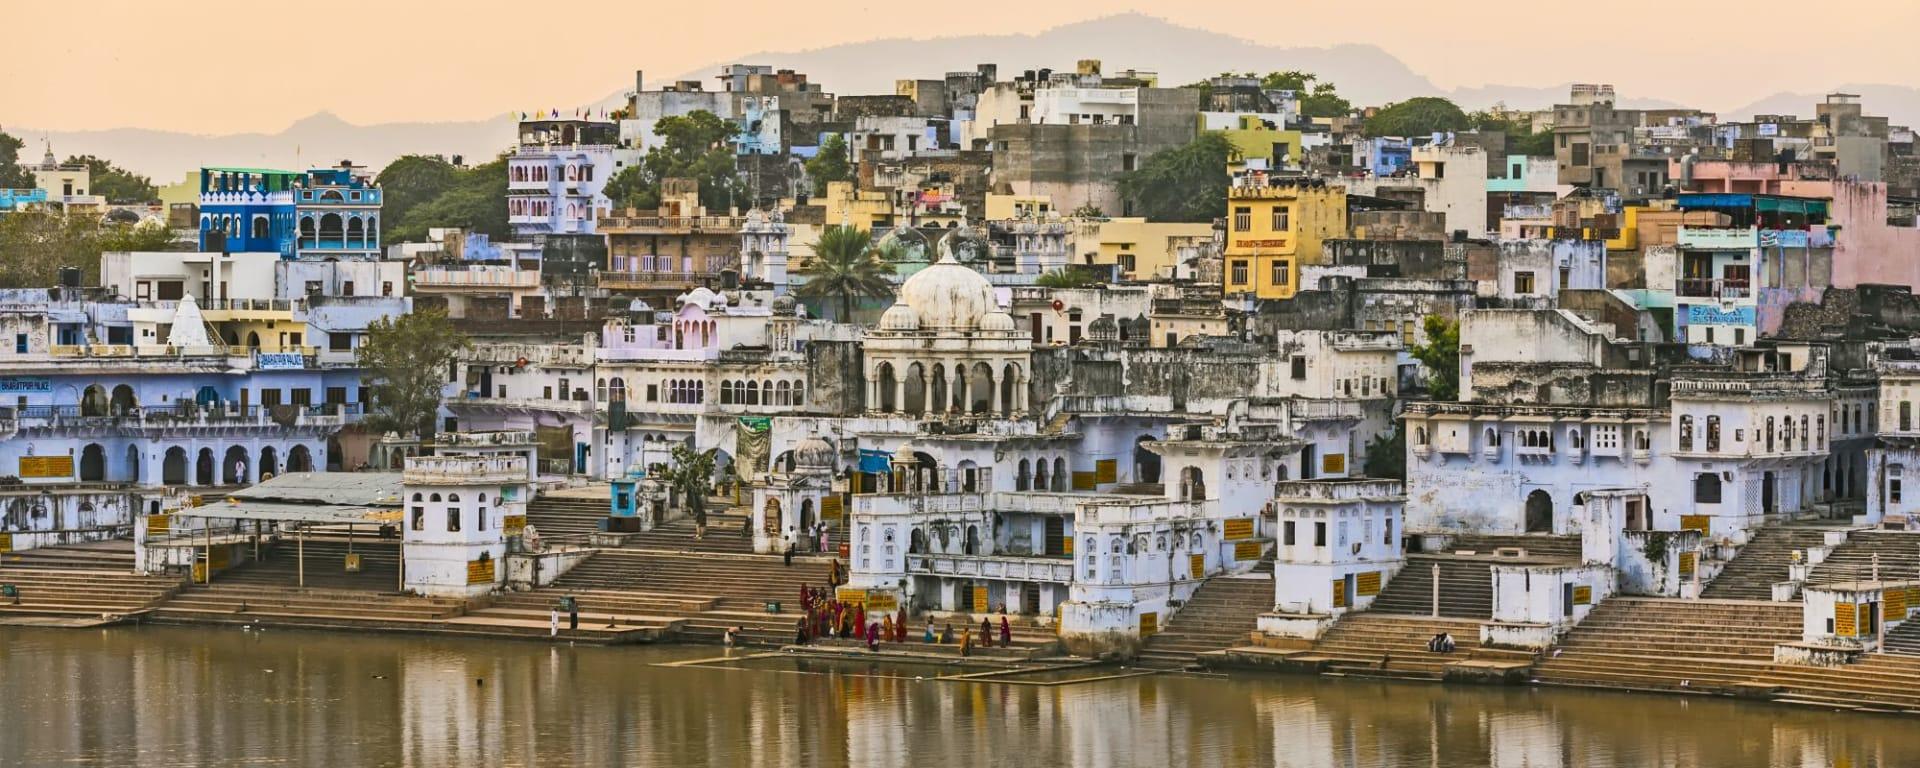 Tout savoir sur les voyages et les vacances en Inde: Pushkar with ghats and lake